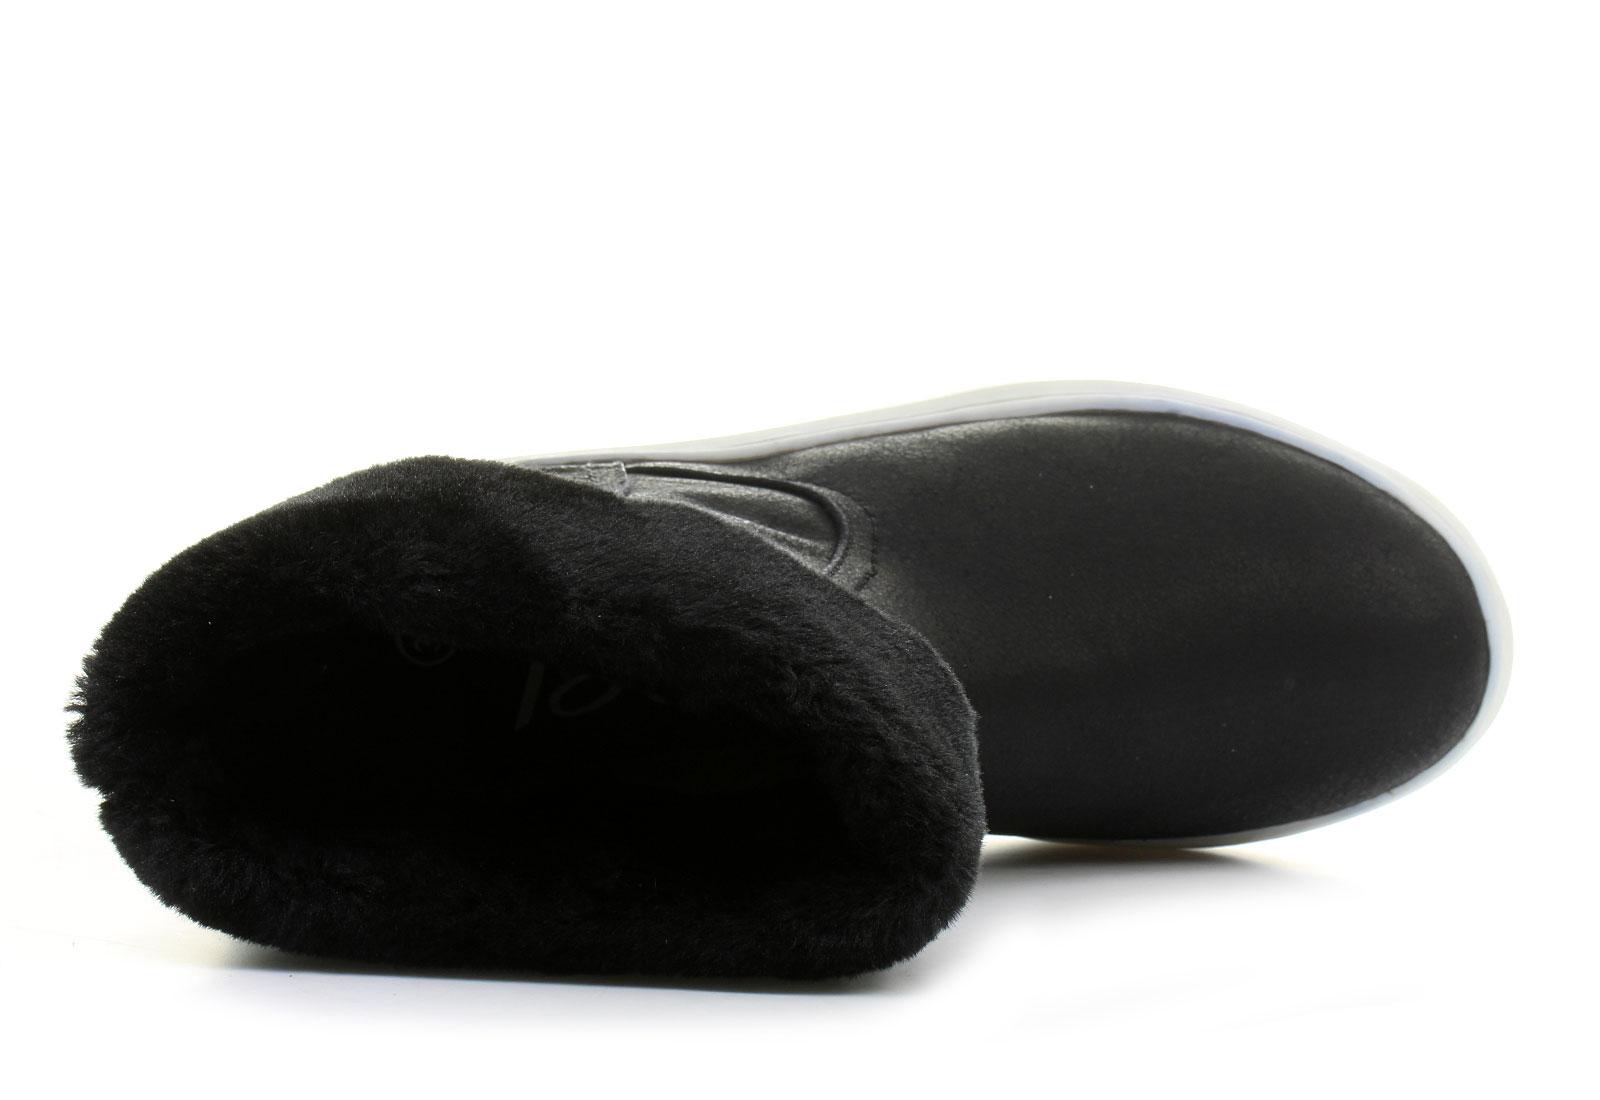 0216014640 Blink Casual Crna Čizme - Zenske cizme blink - Office Shoes - Online ...